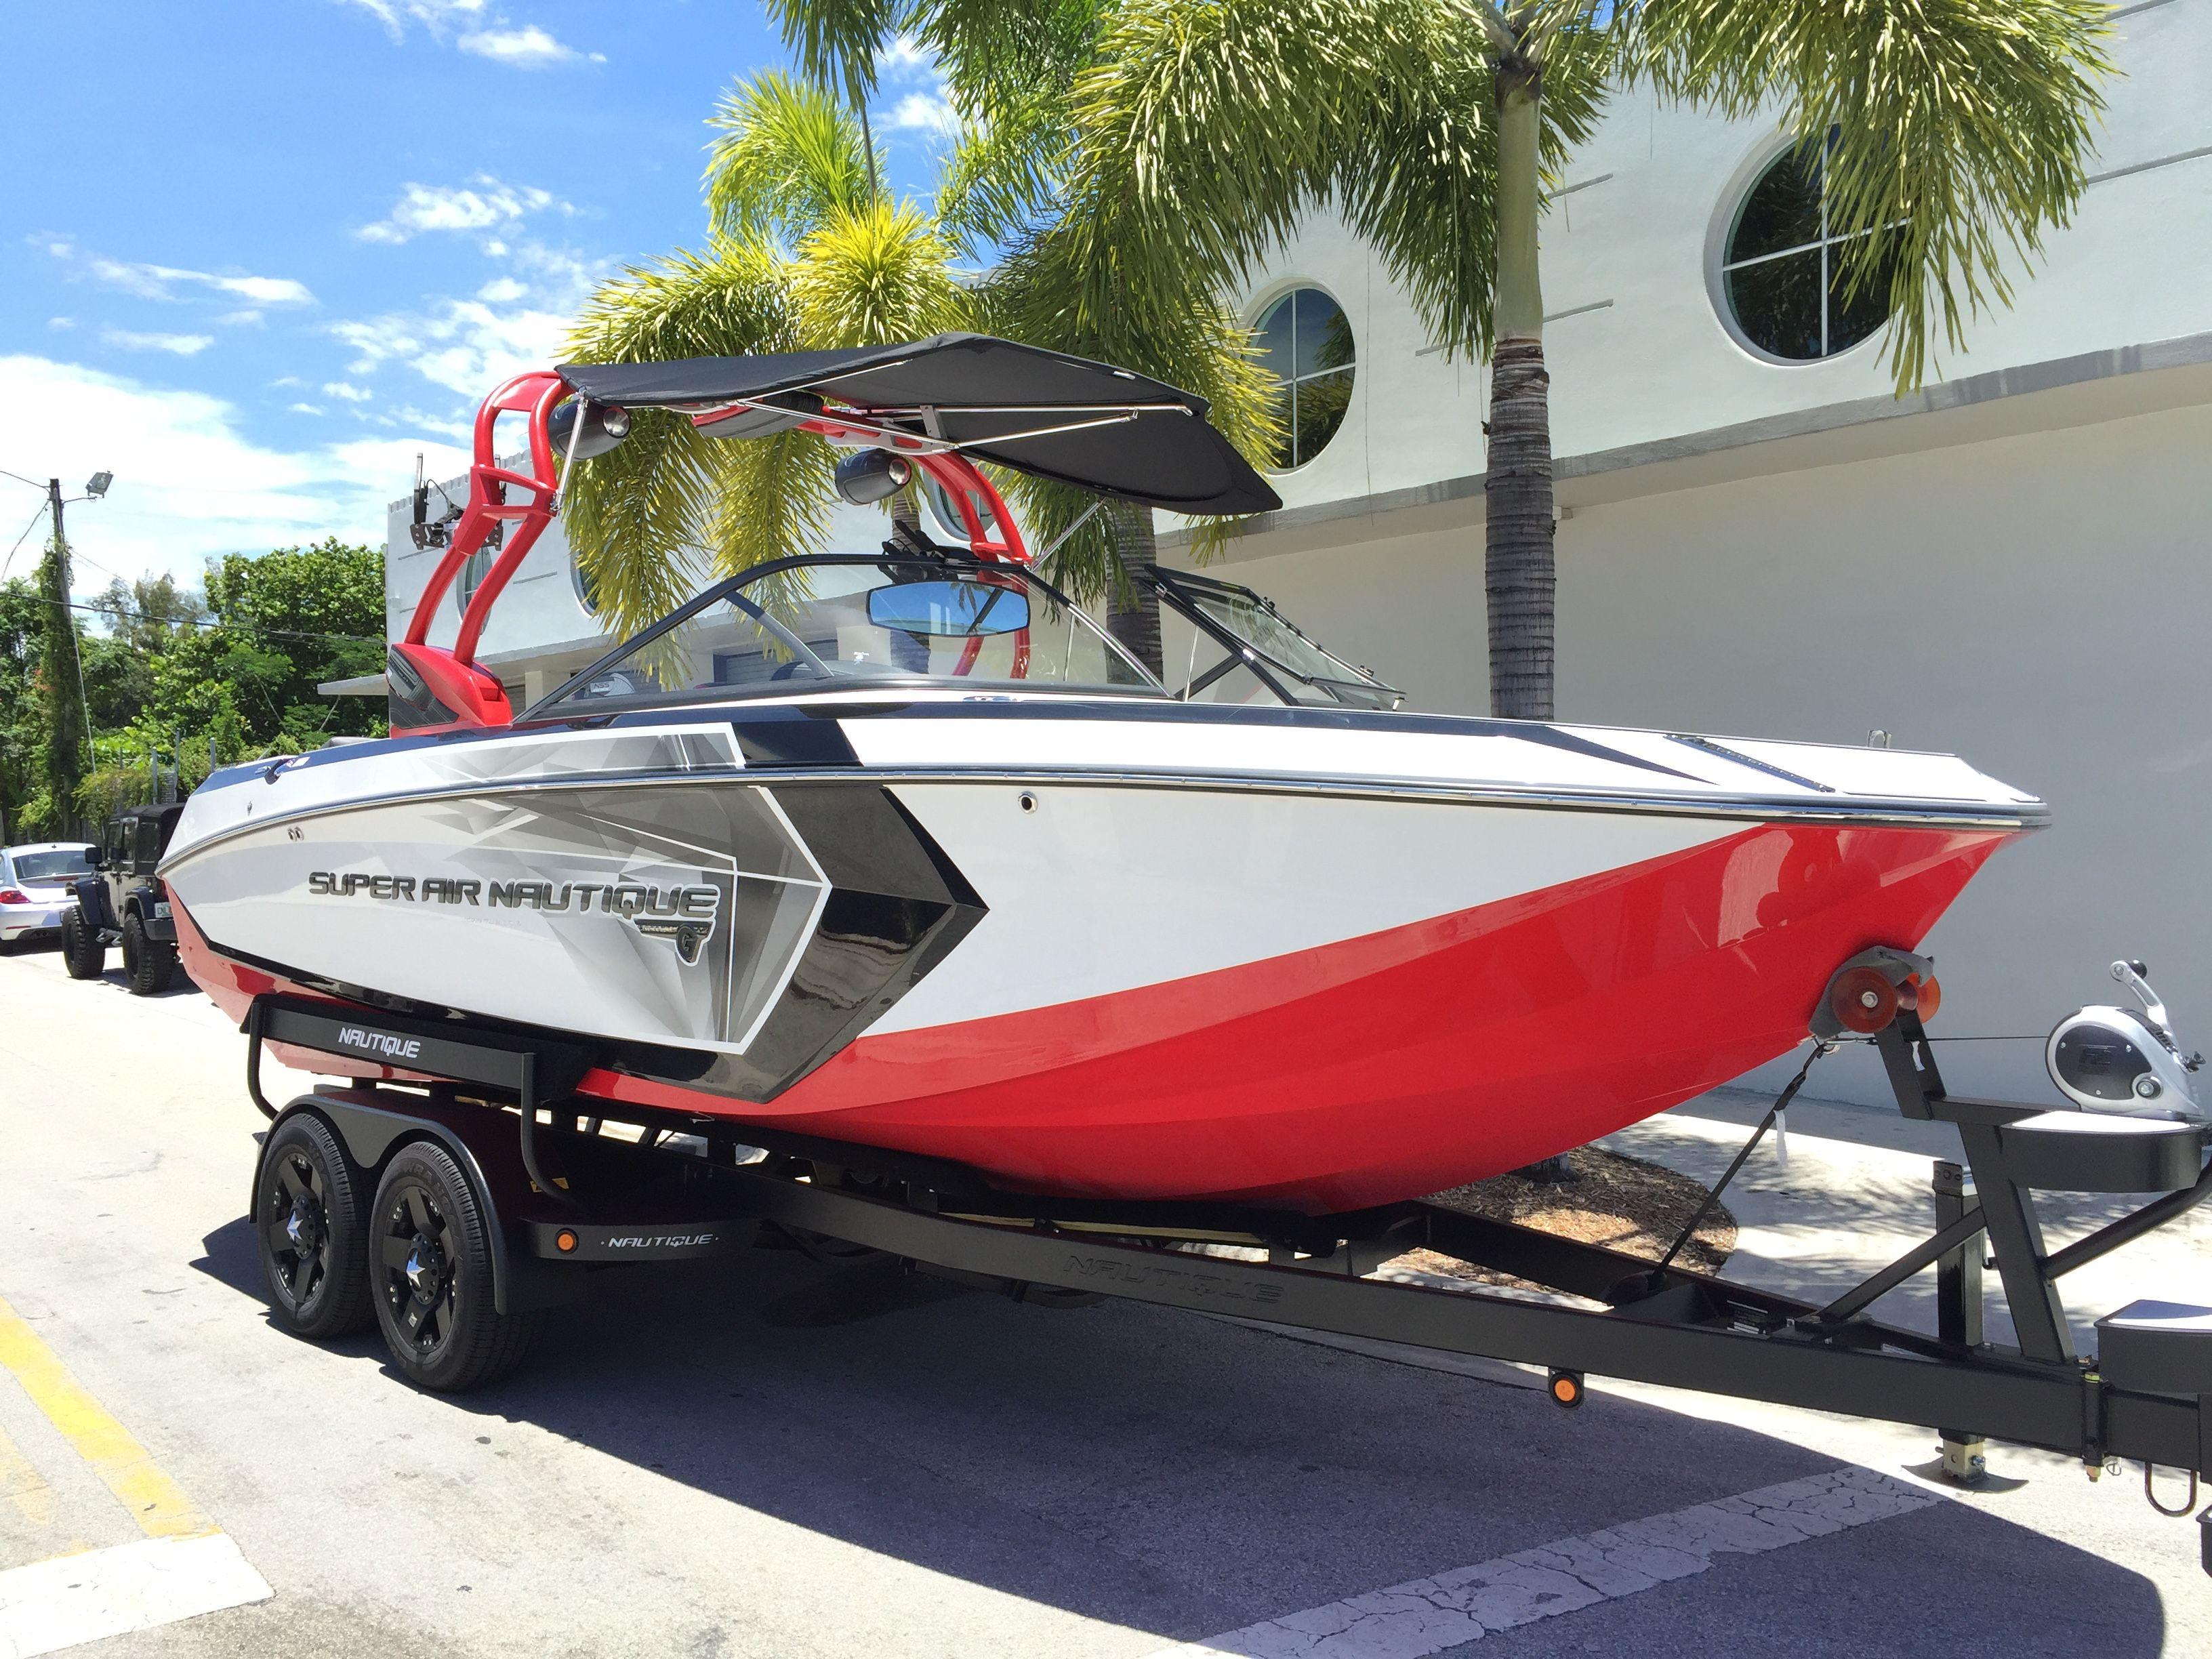 2016 Super Air Nautique Coastal Boat wraps, Boat